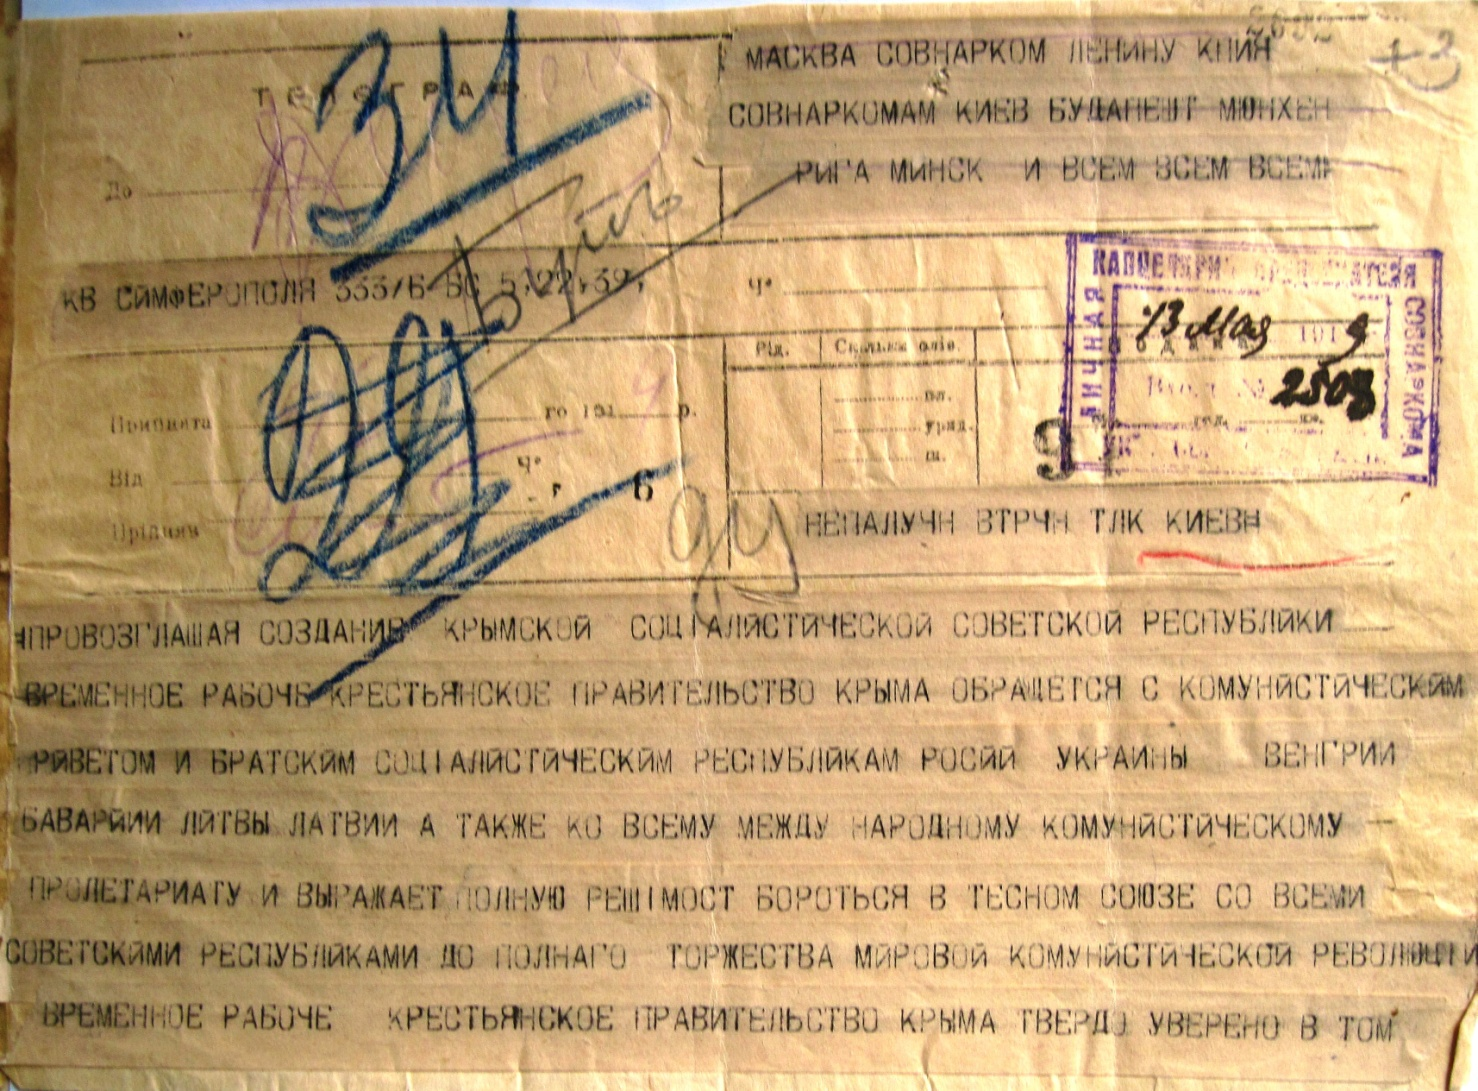 Основна частина звернення, що була отримана урядом УСРР 13 травня. З матеріалів ЦДАВО України